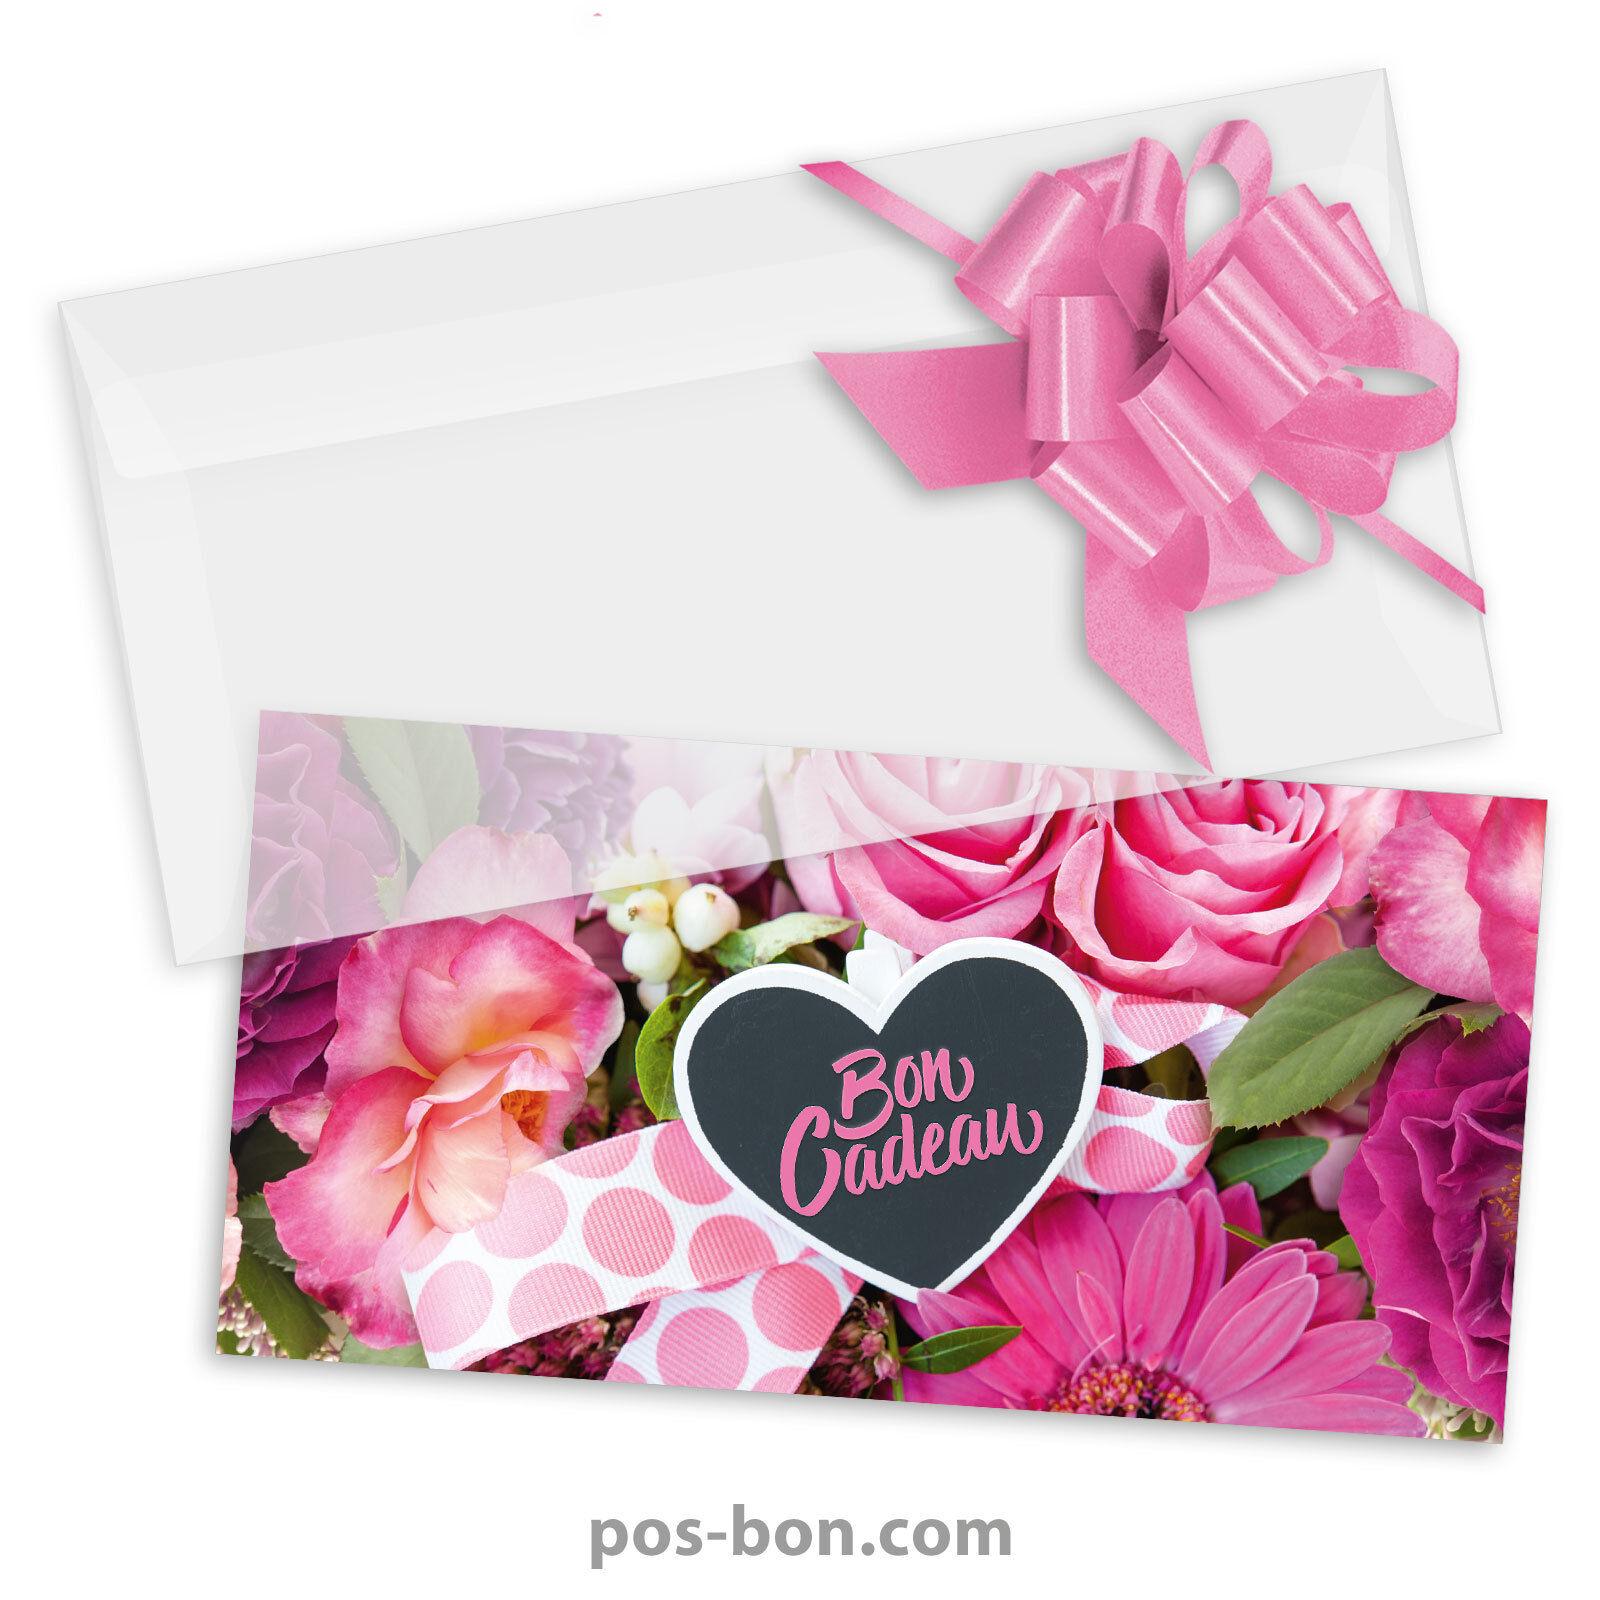 Bons cadeaux universels + enveloppes + nœuds rub. pour toutes occasions BL9244F